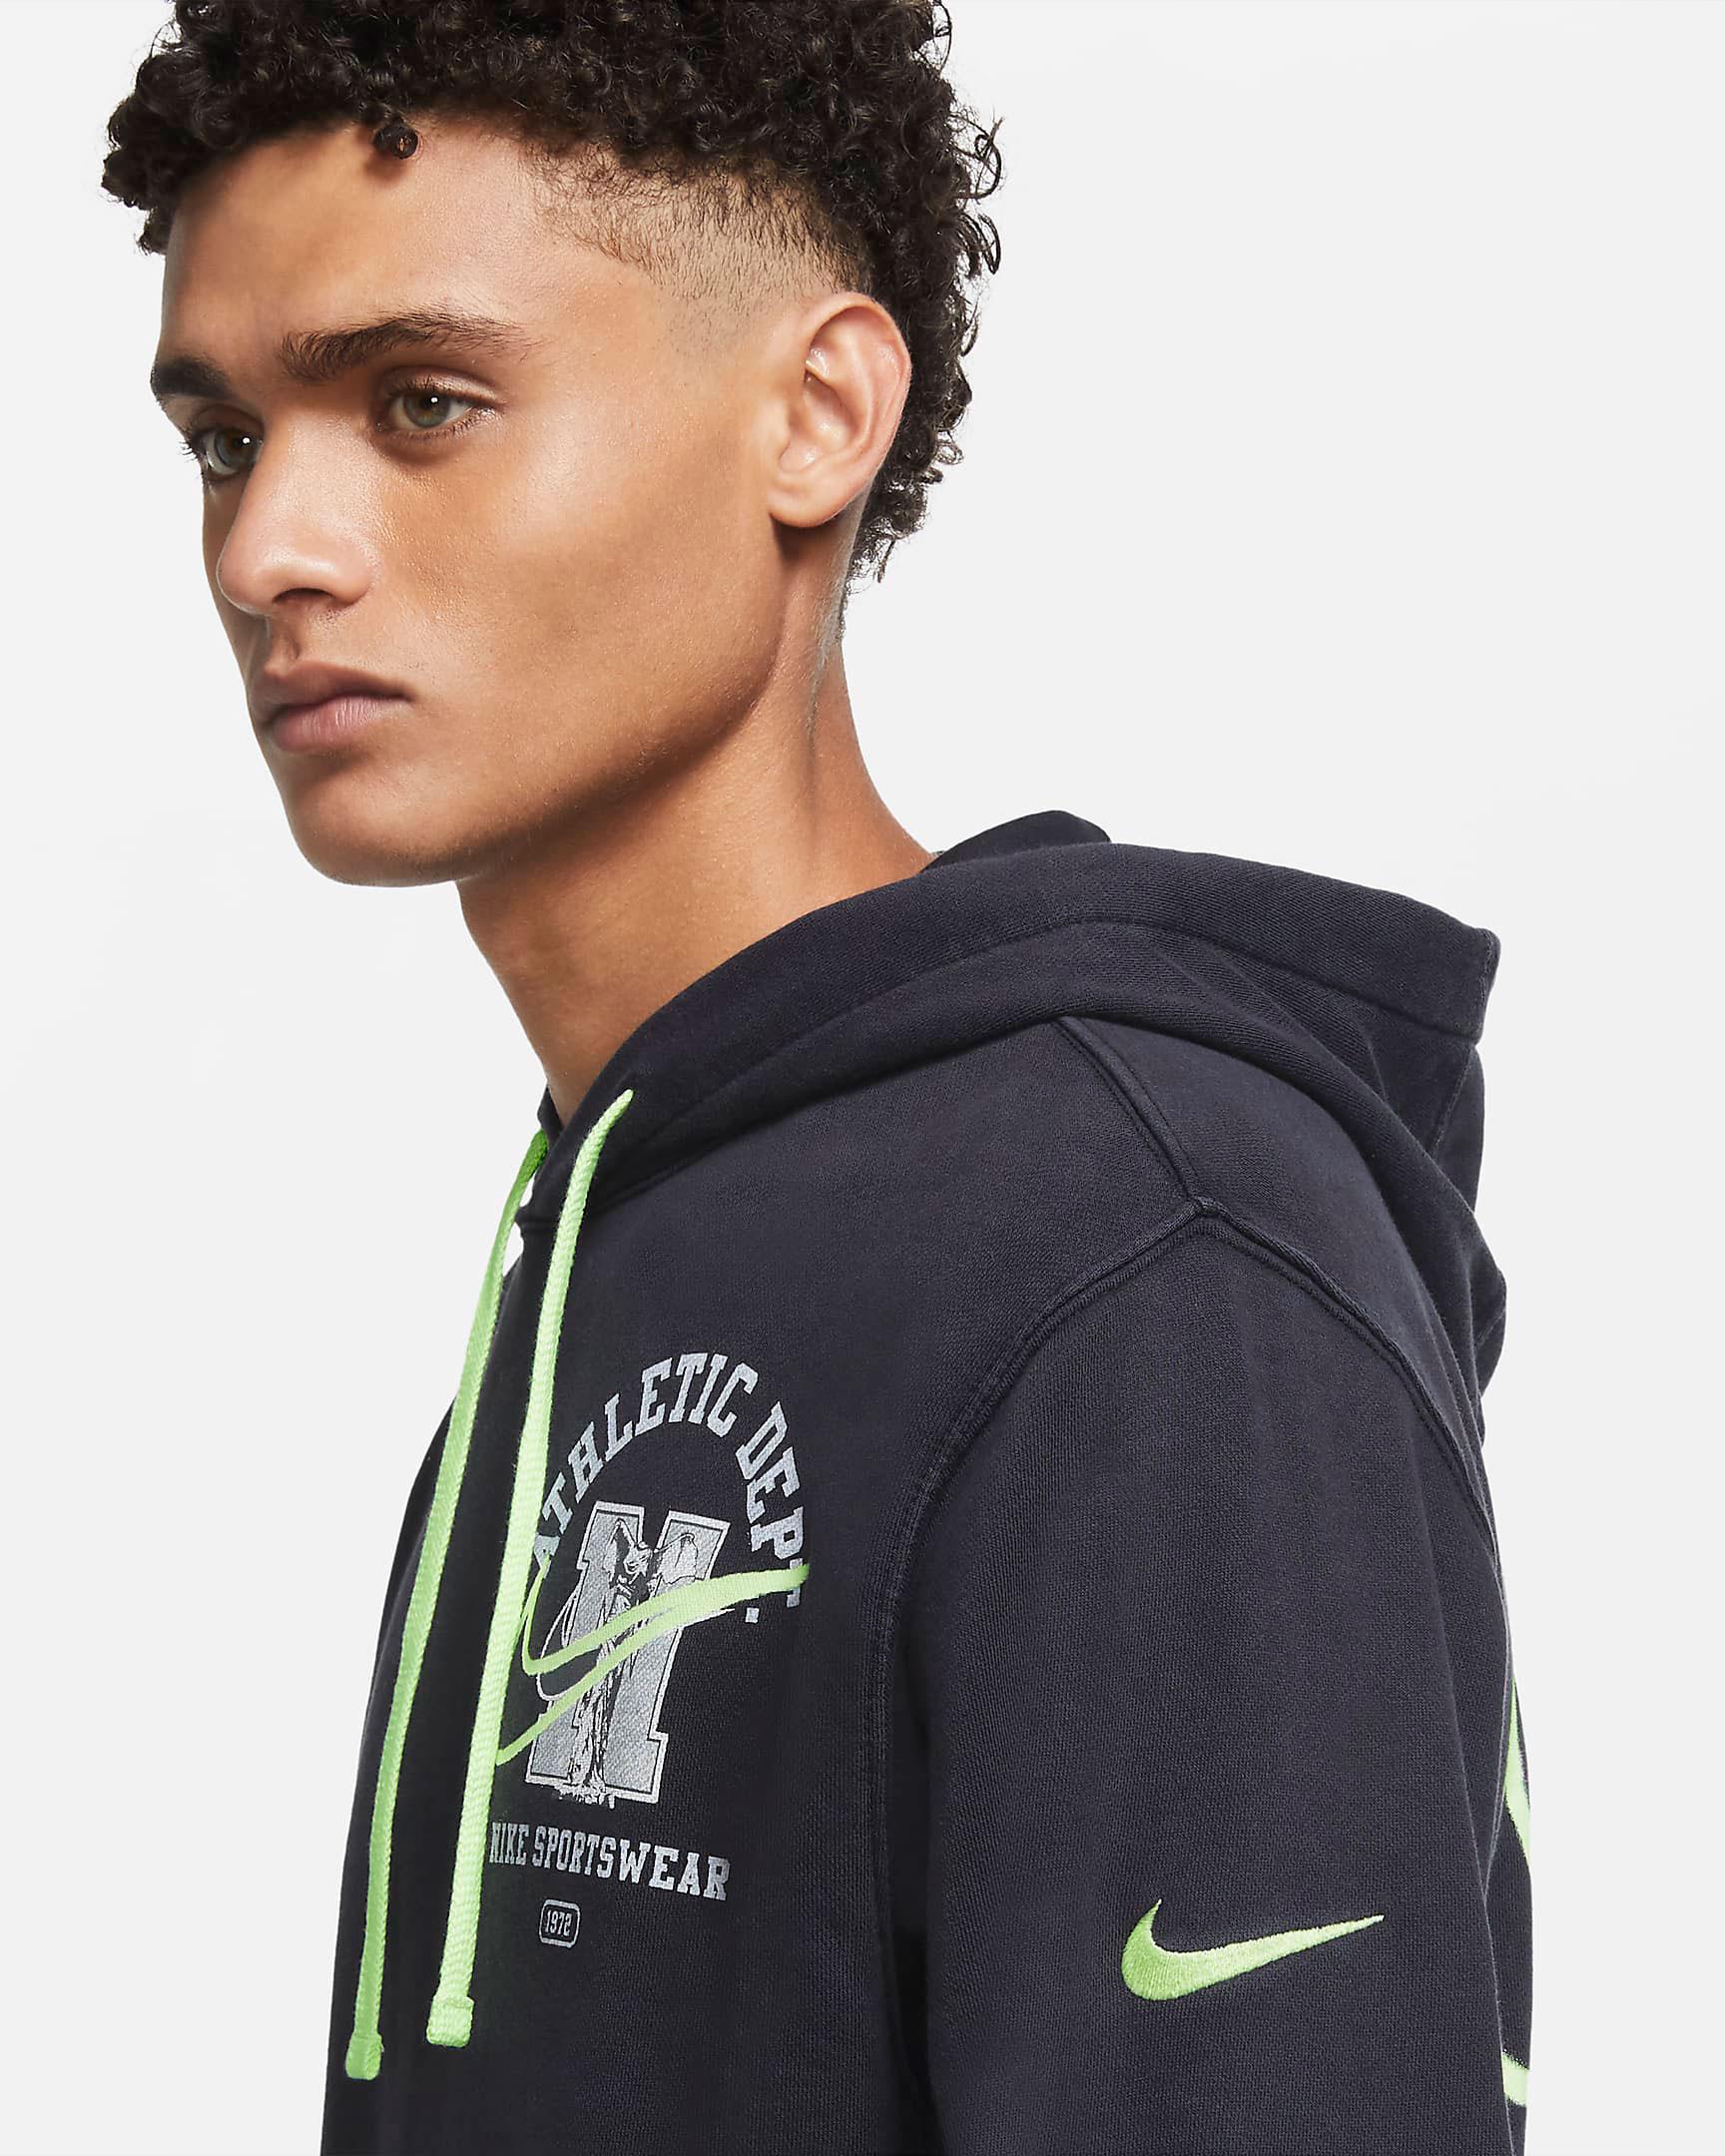 nike-sportswear-class-of-72-hoodie-black-volt-3